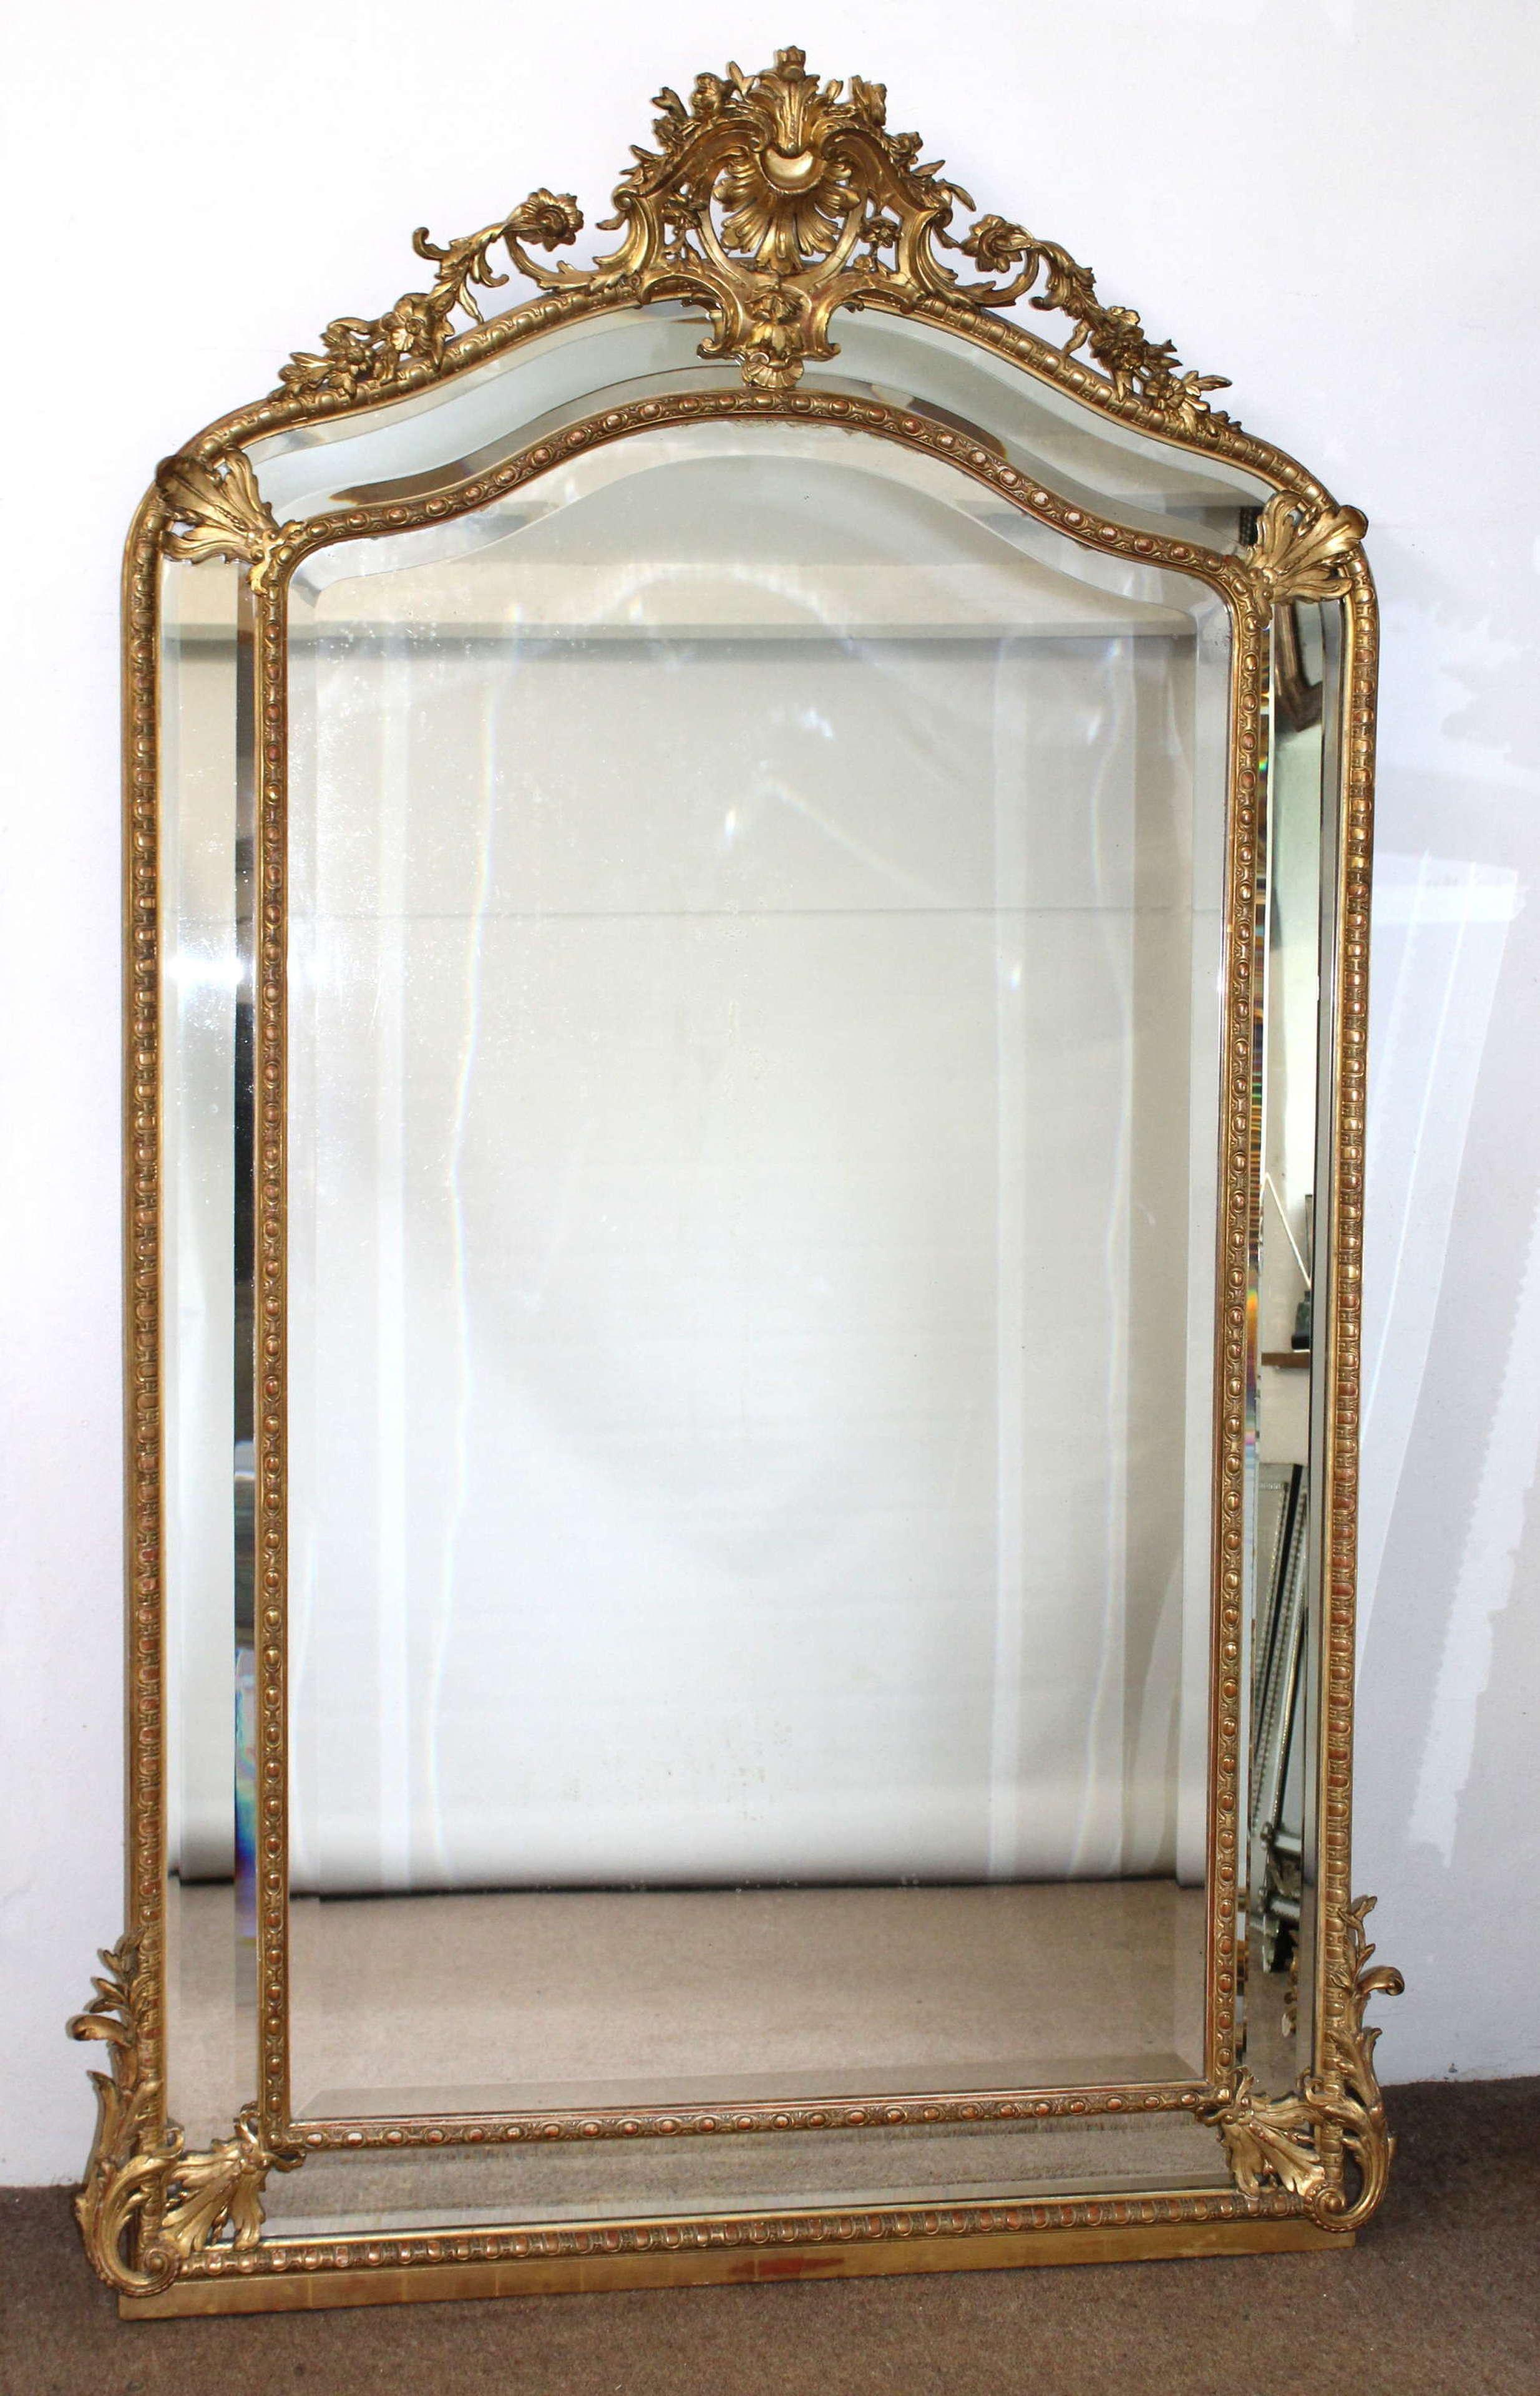 Large decorative portrait antique French mirror